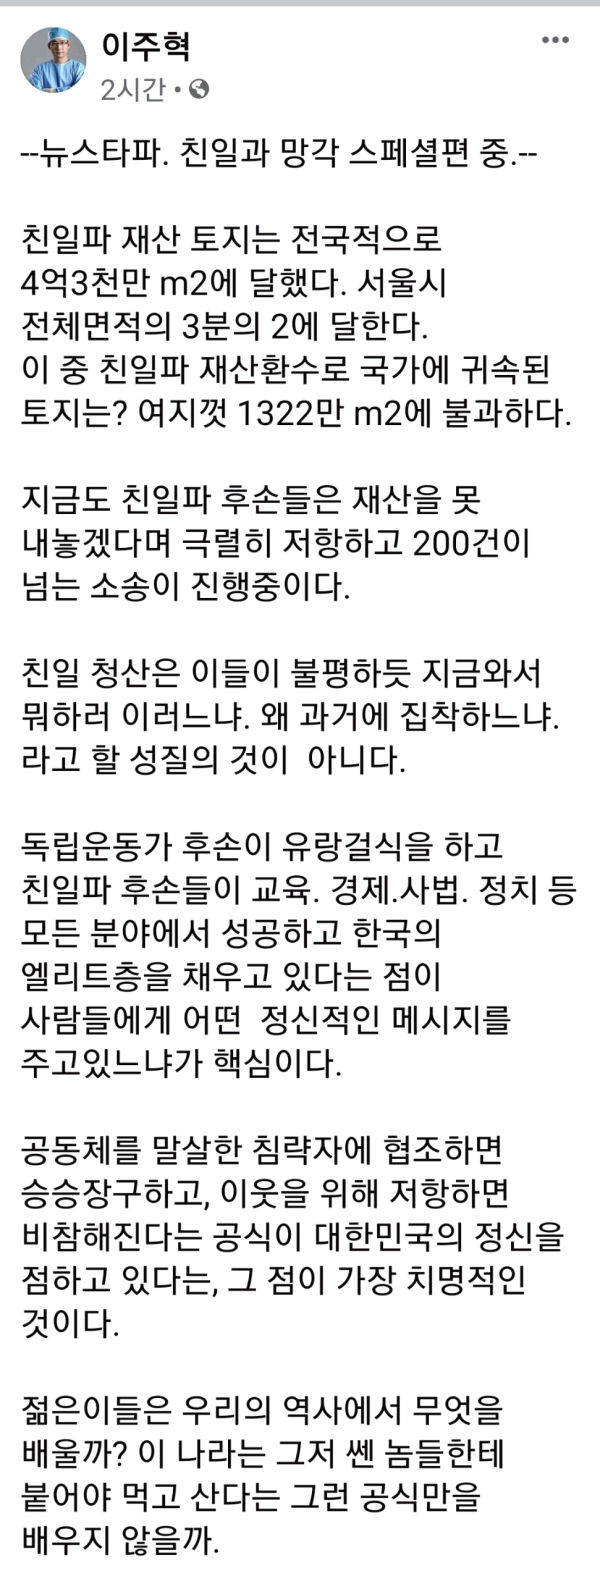 이주혁 의사 페북 - 친일파의 후손들